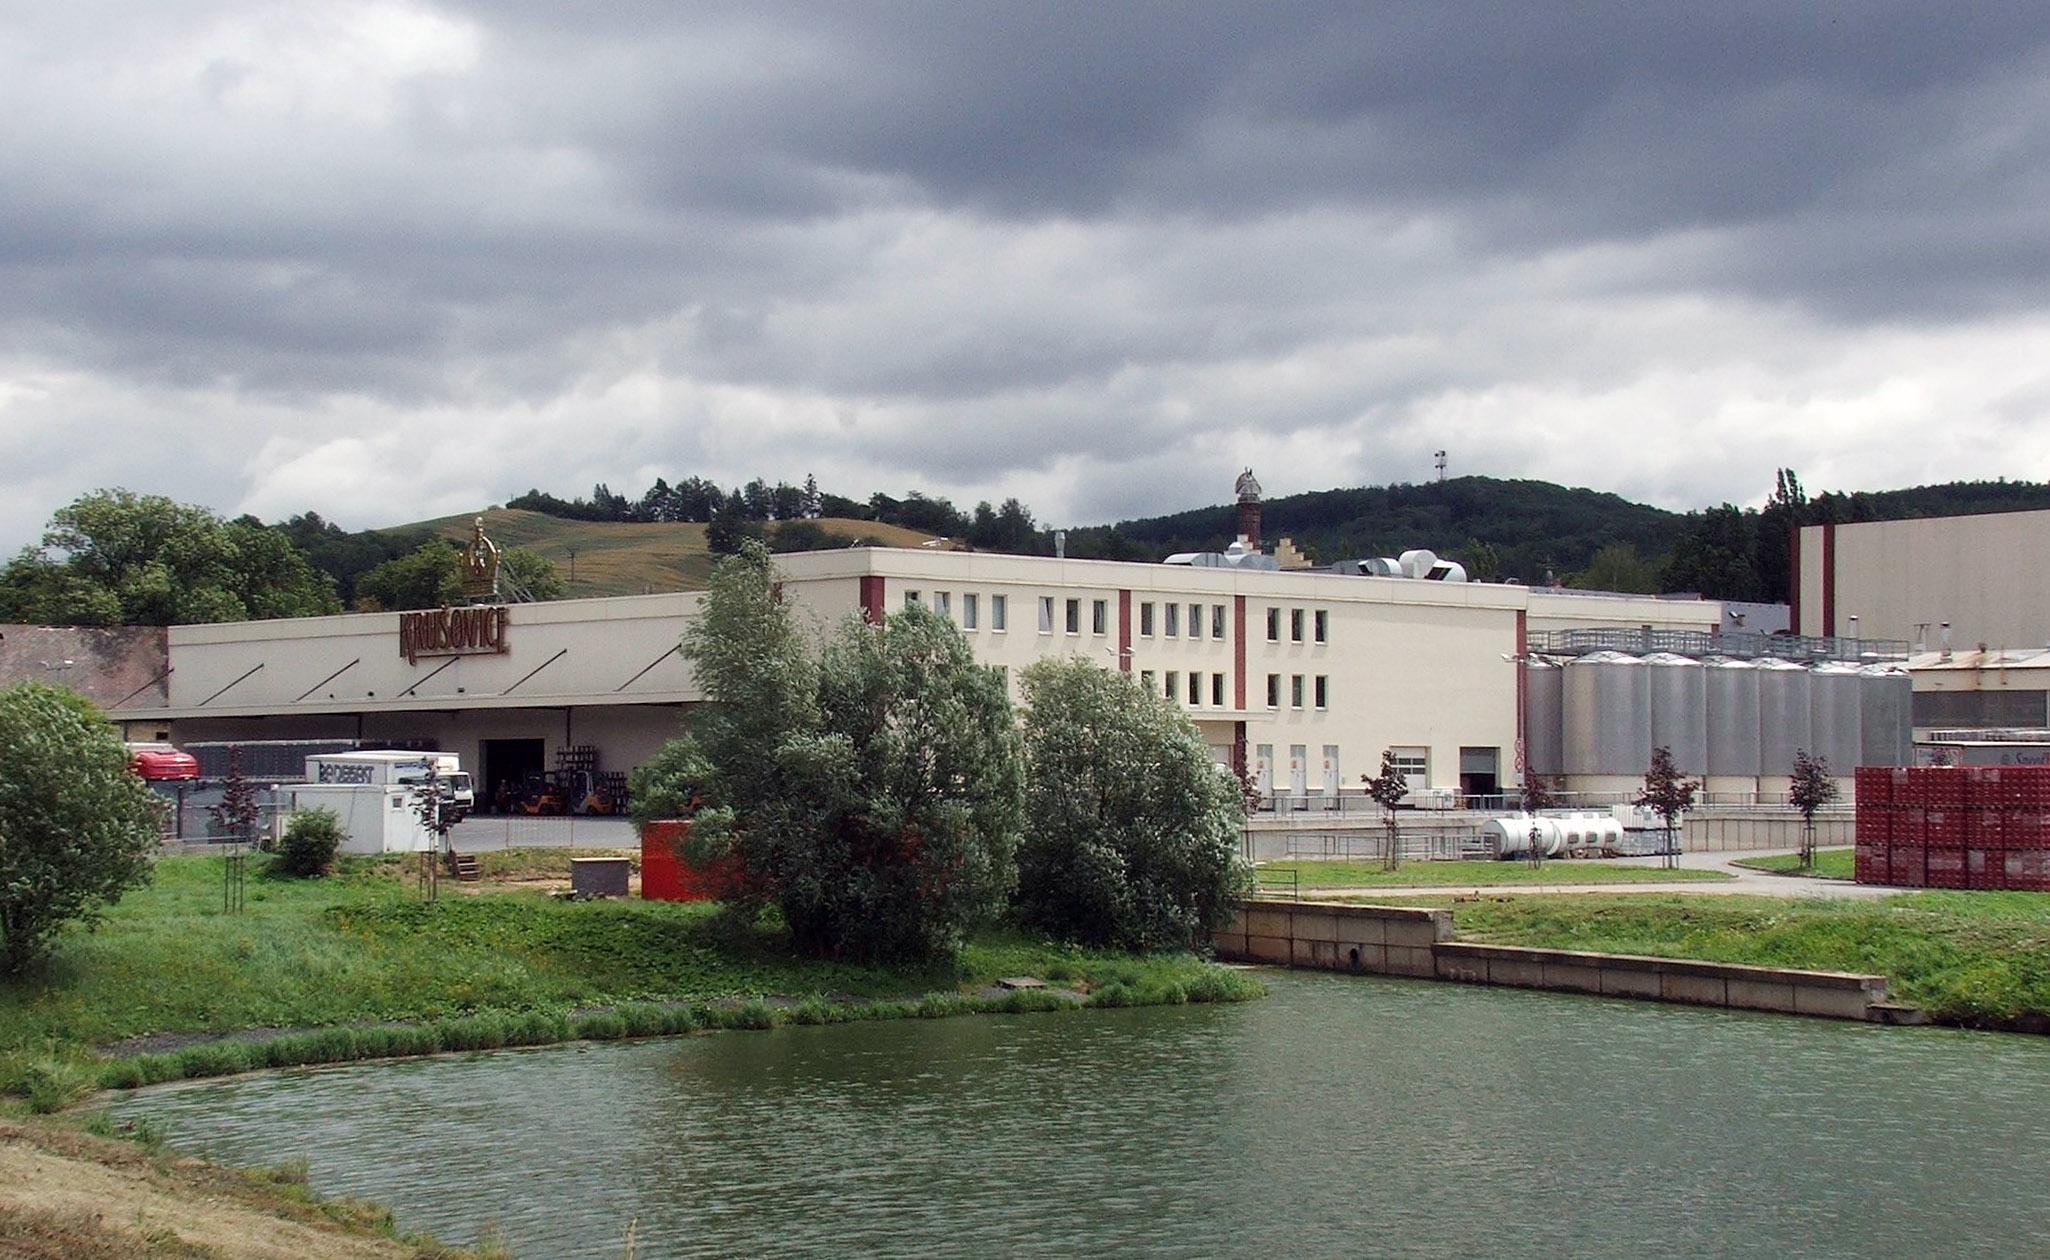 Так выглядит сегодня завод, на котором производится пиво «Крушовице». Источник https://upload.wikimedia.org/